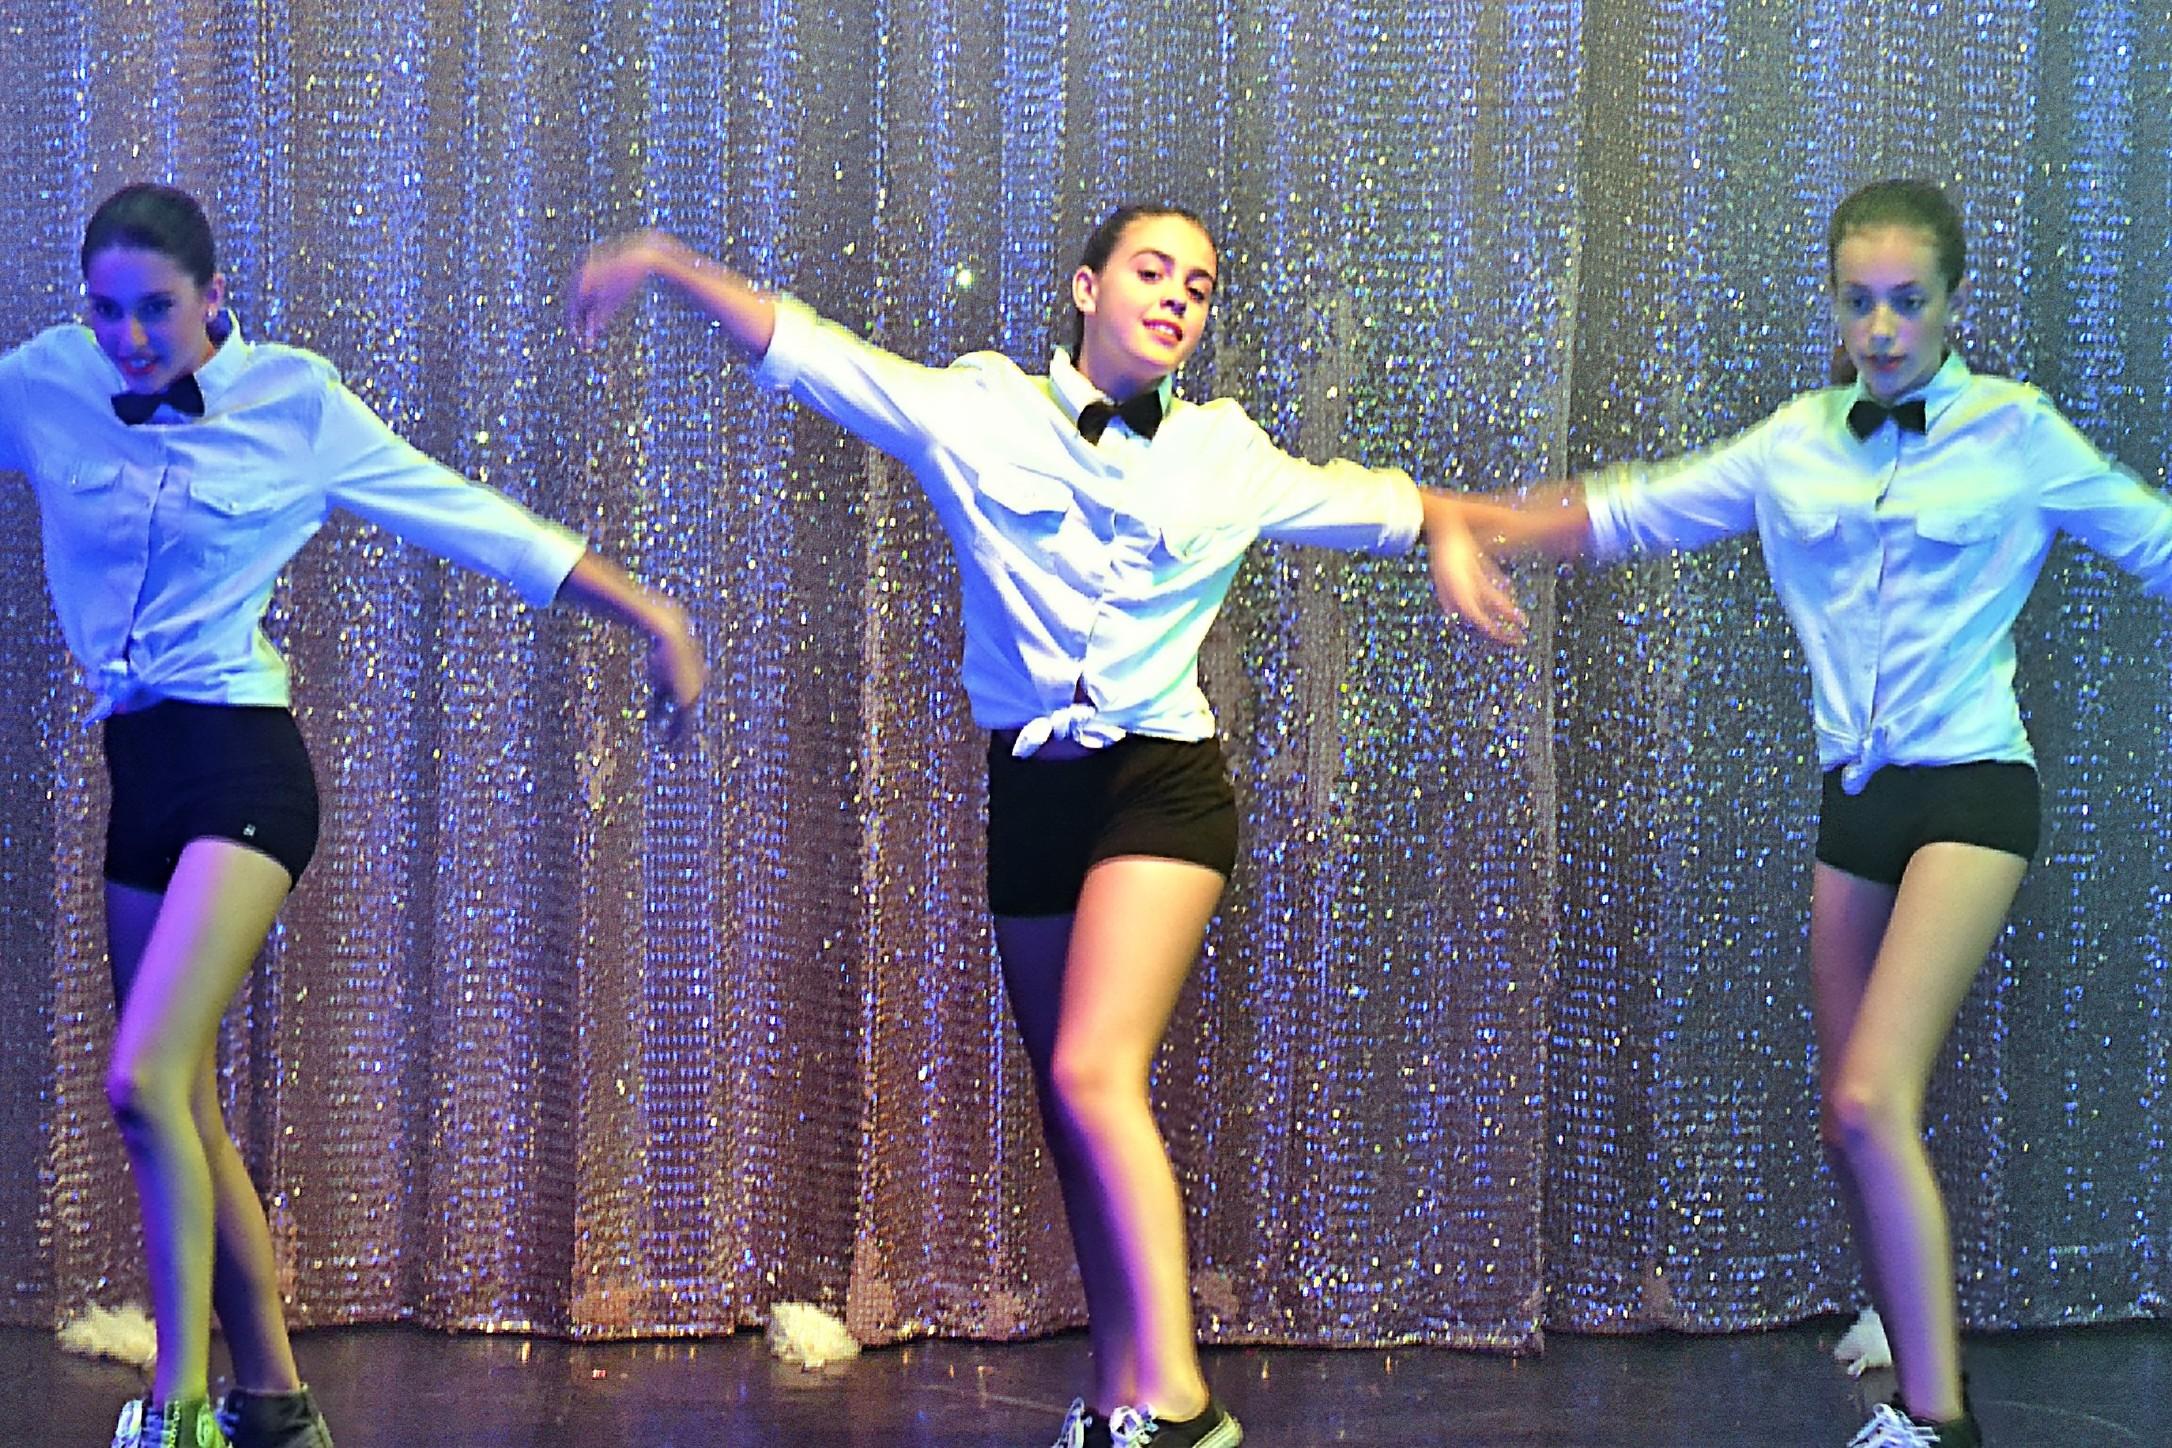 Linea-de-Baile-festival-verano-2015-clases-de-baile-valencia-120